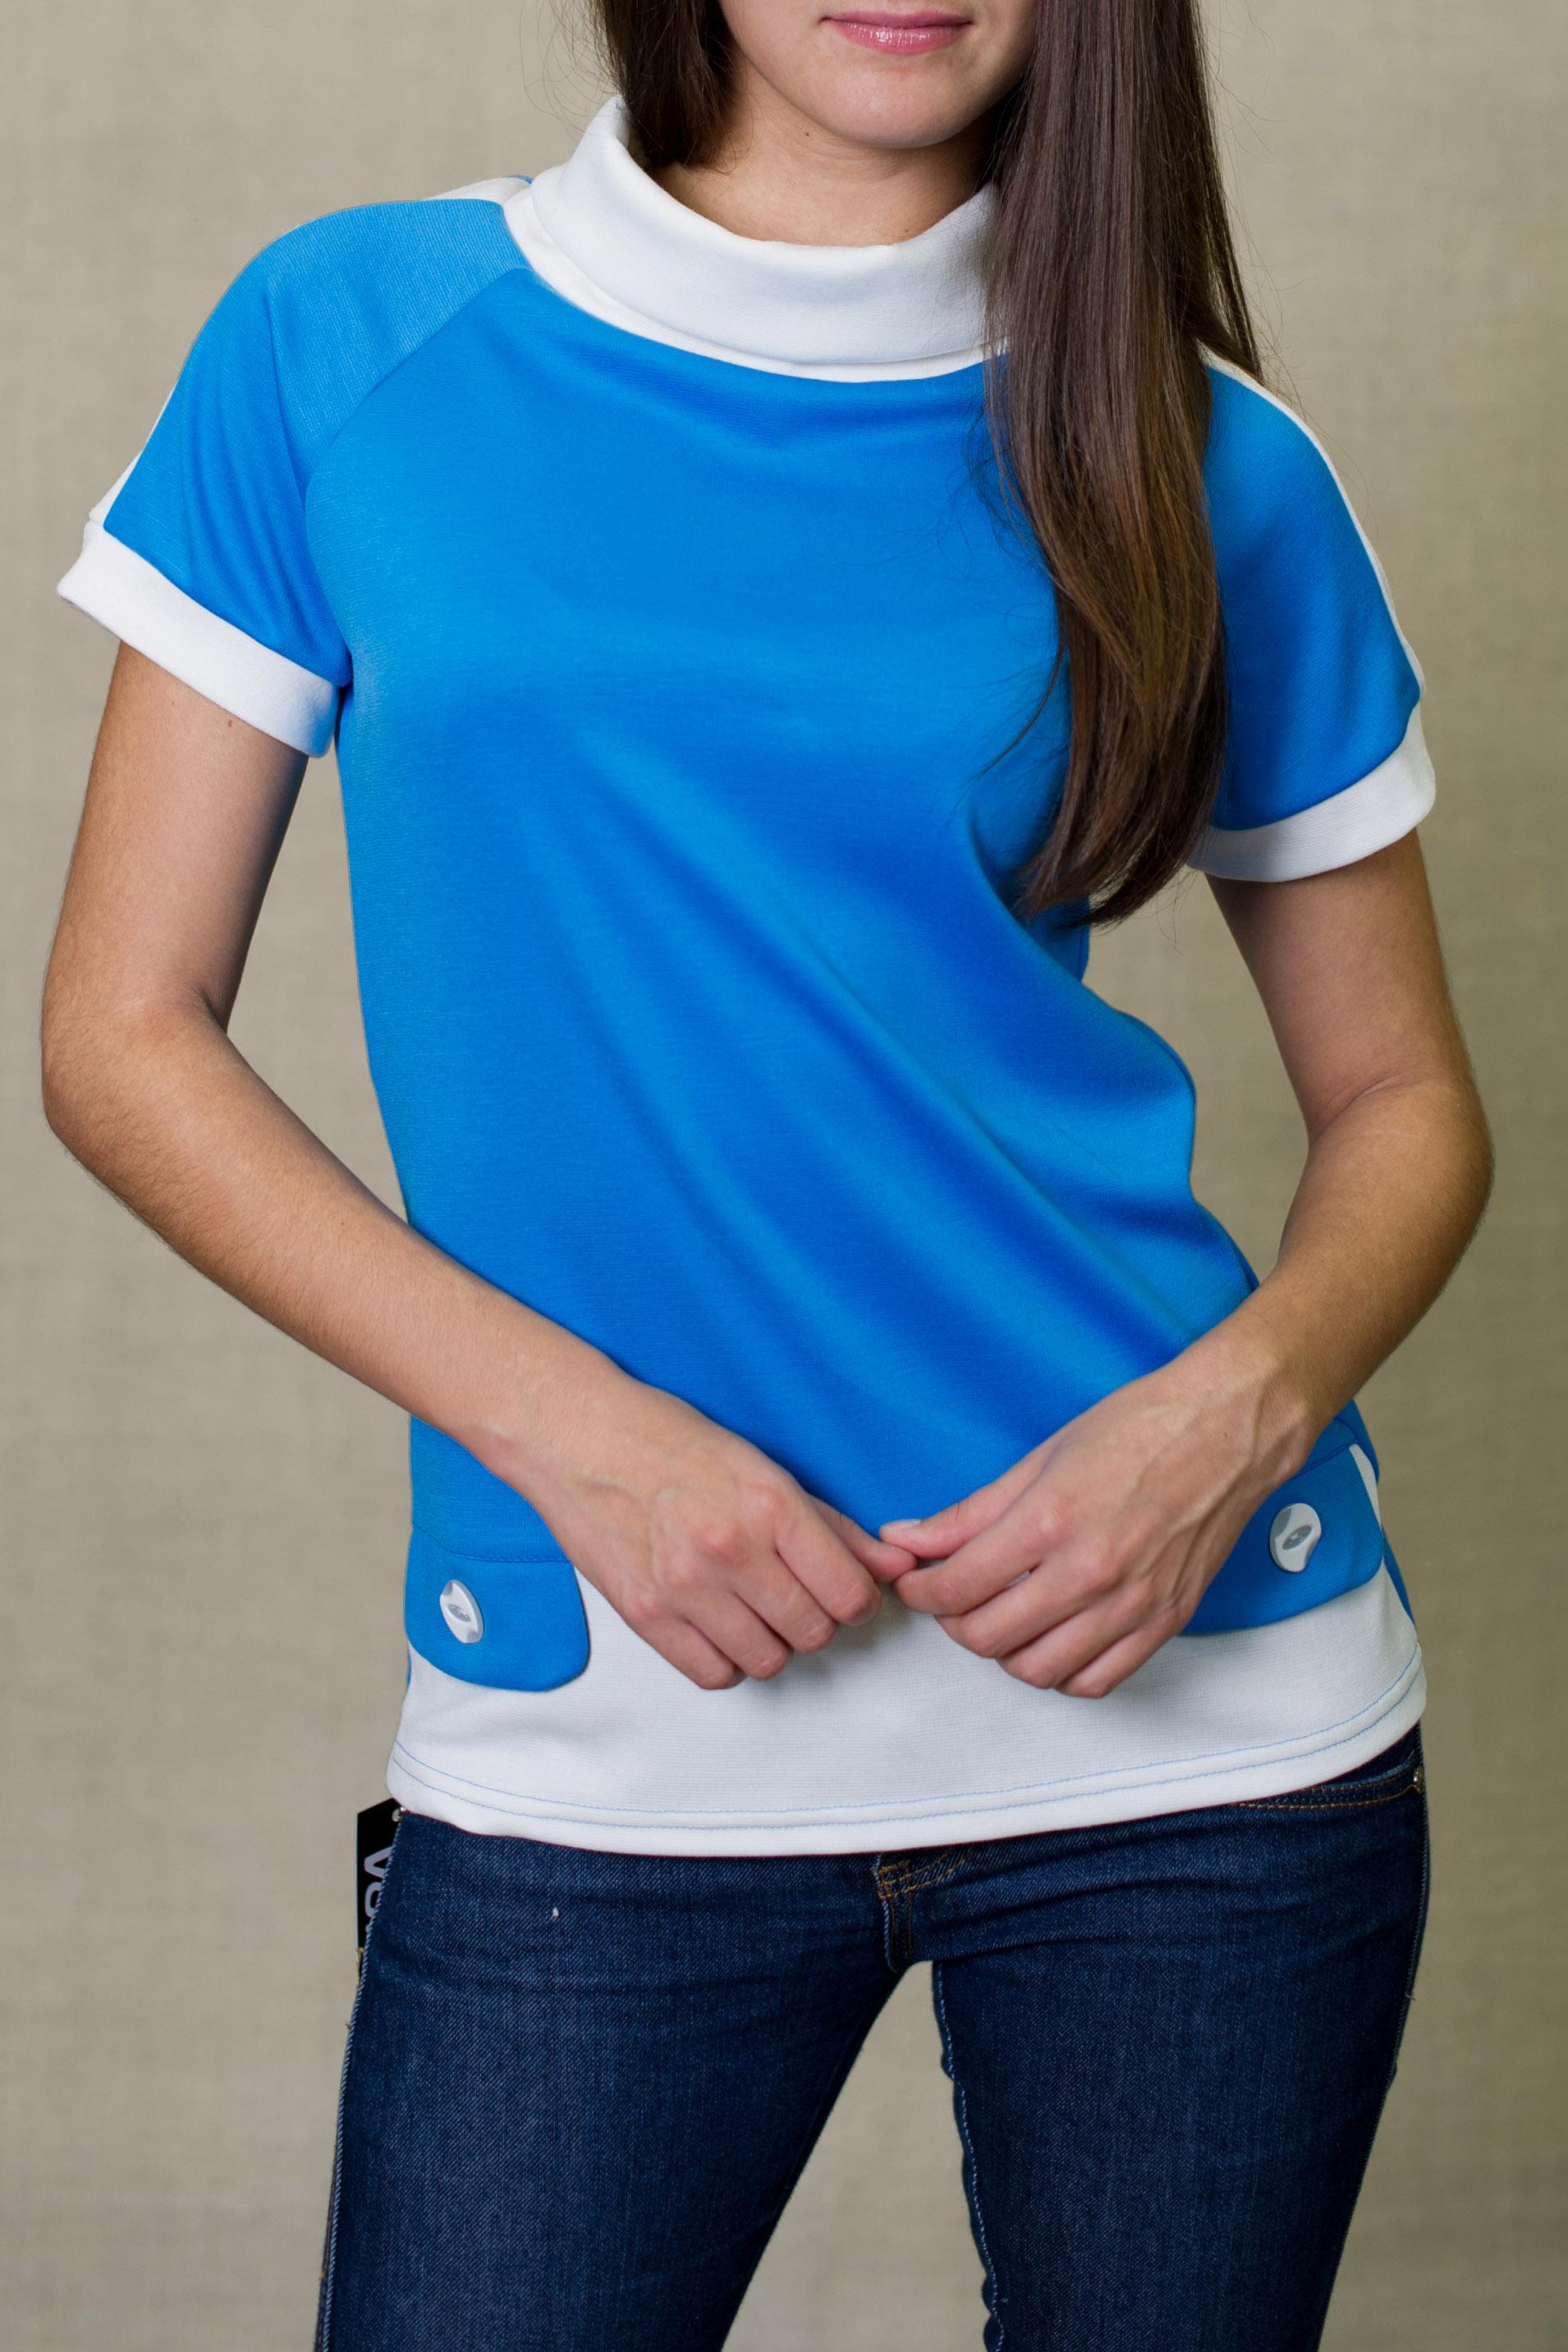 БлузкаБлузки<br>Цветная блузка со стоячим воротником и короткими рукавами. Модель выполнена из приятного материала. Отличный выбор для повседневного гардероба.   В изделии использованы цвета: голубой, белый  Ростовка изделия 170 см.<br><br>Воротник: Стойка<br>По материалу: Вискоза,Трикотаж<br>По образу: Город,Свидание<br>По рисунку: Цветные<br>По сезону: Весна,Зима,Лето,Осень,Всесезон<br>По силуэту: Прямые<br>По стилю: Повседневный стиль<br>По элементам: С декором<br>Рукав: Короткий рукав<br>Размер : 44<br>Материал: Трикотаж<br>Количество в наличии: 1